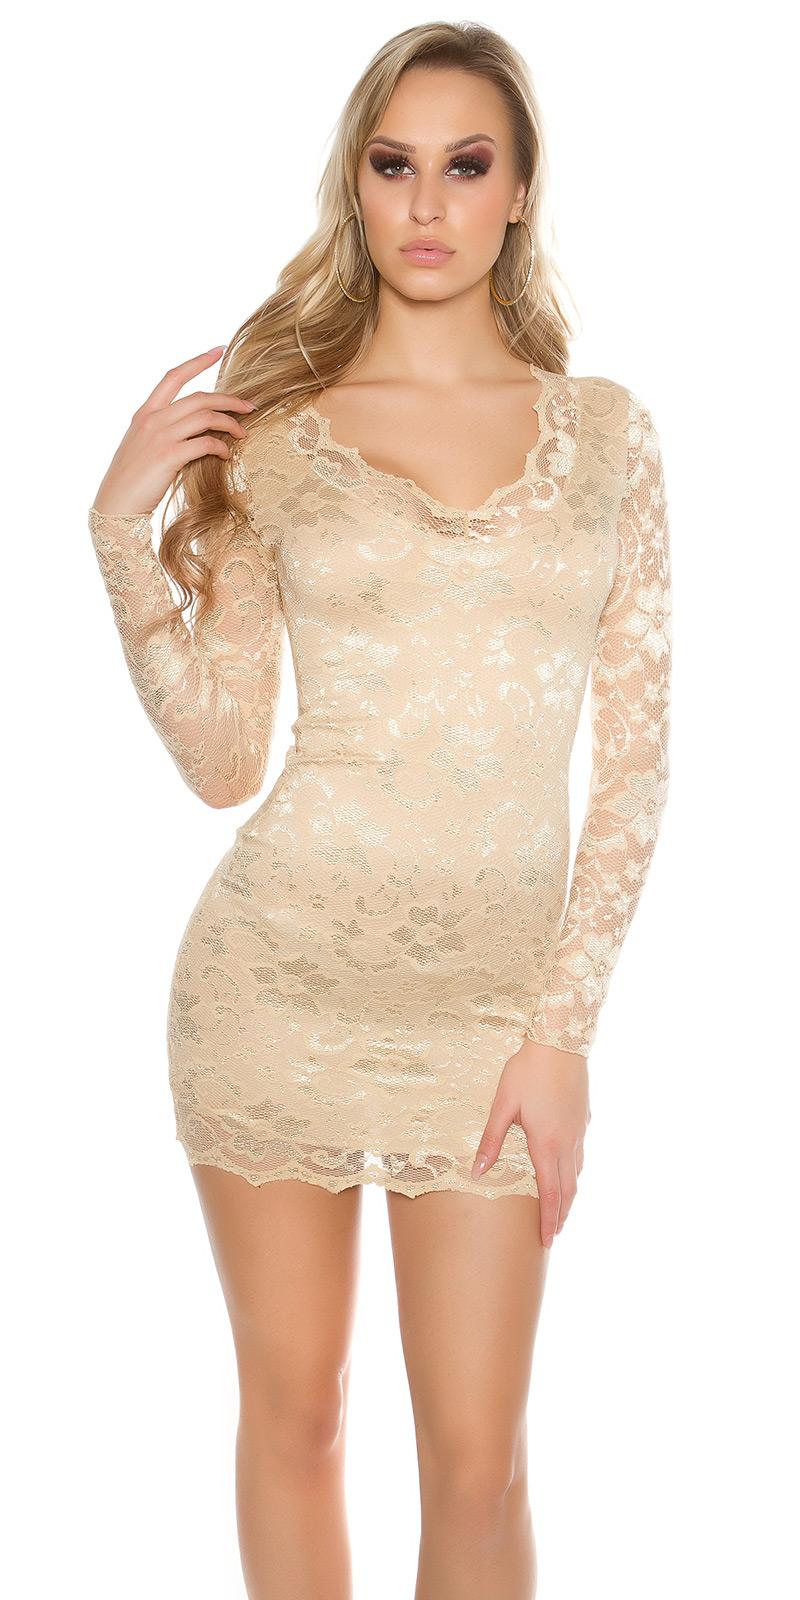 Šaty s dlouhým rukávem 00002100 - SAND GOLD